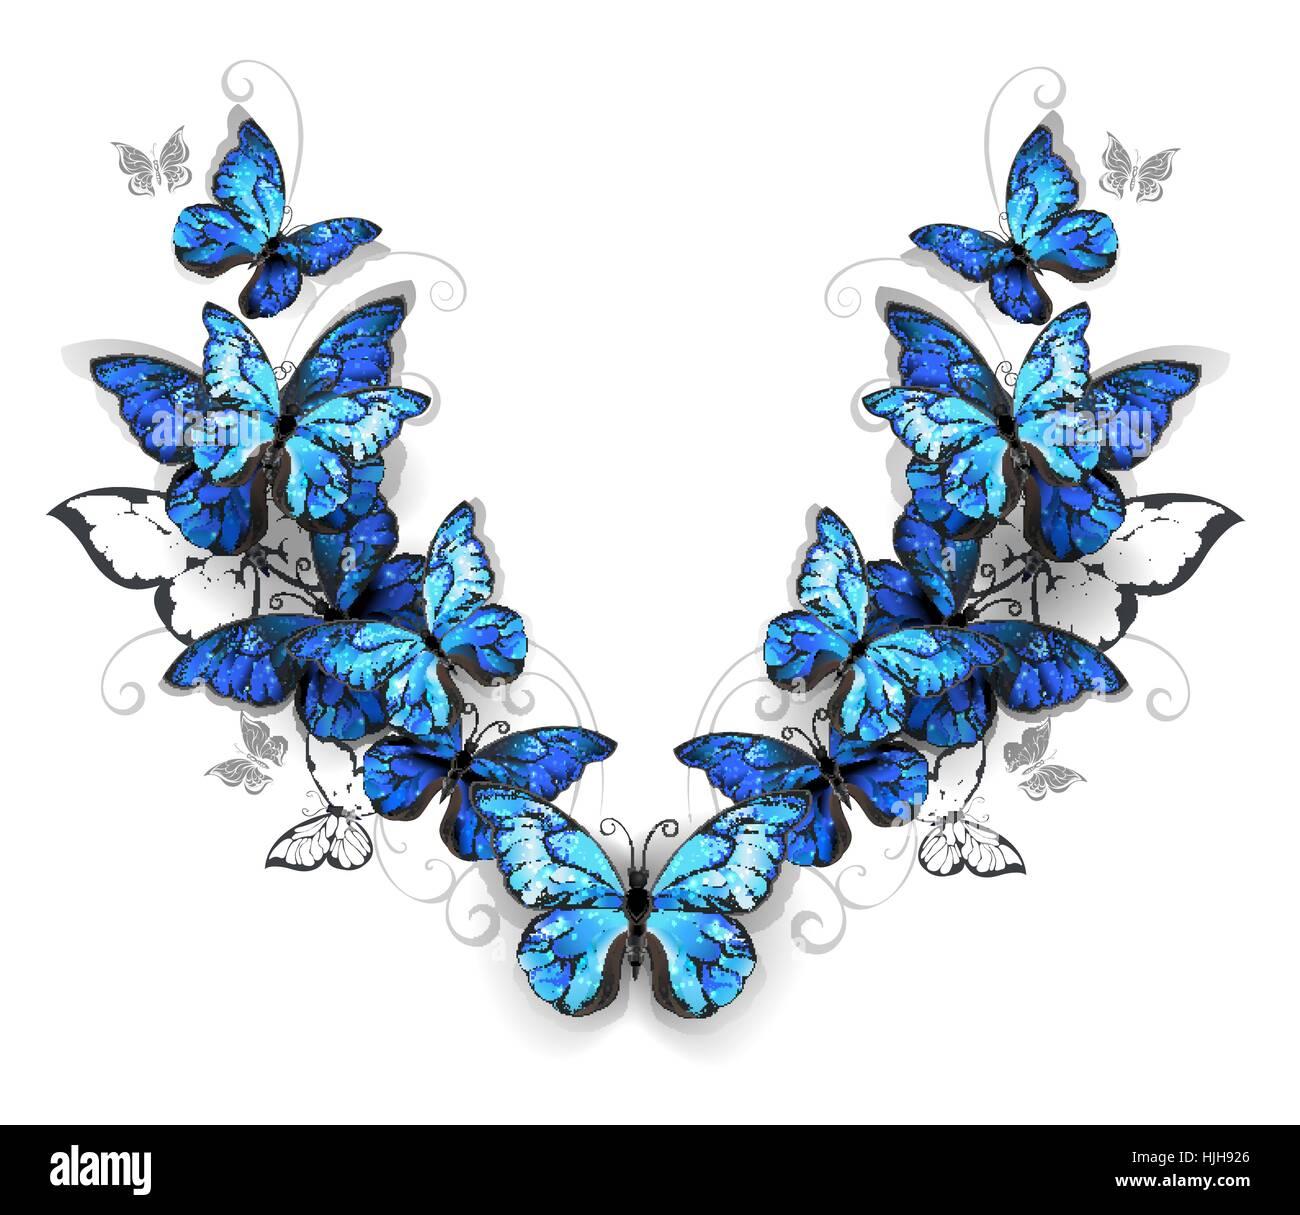 Schema Simmetrico Di Blu Realistici Morfid Farfalle Su Uno Sfondo